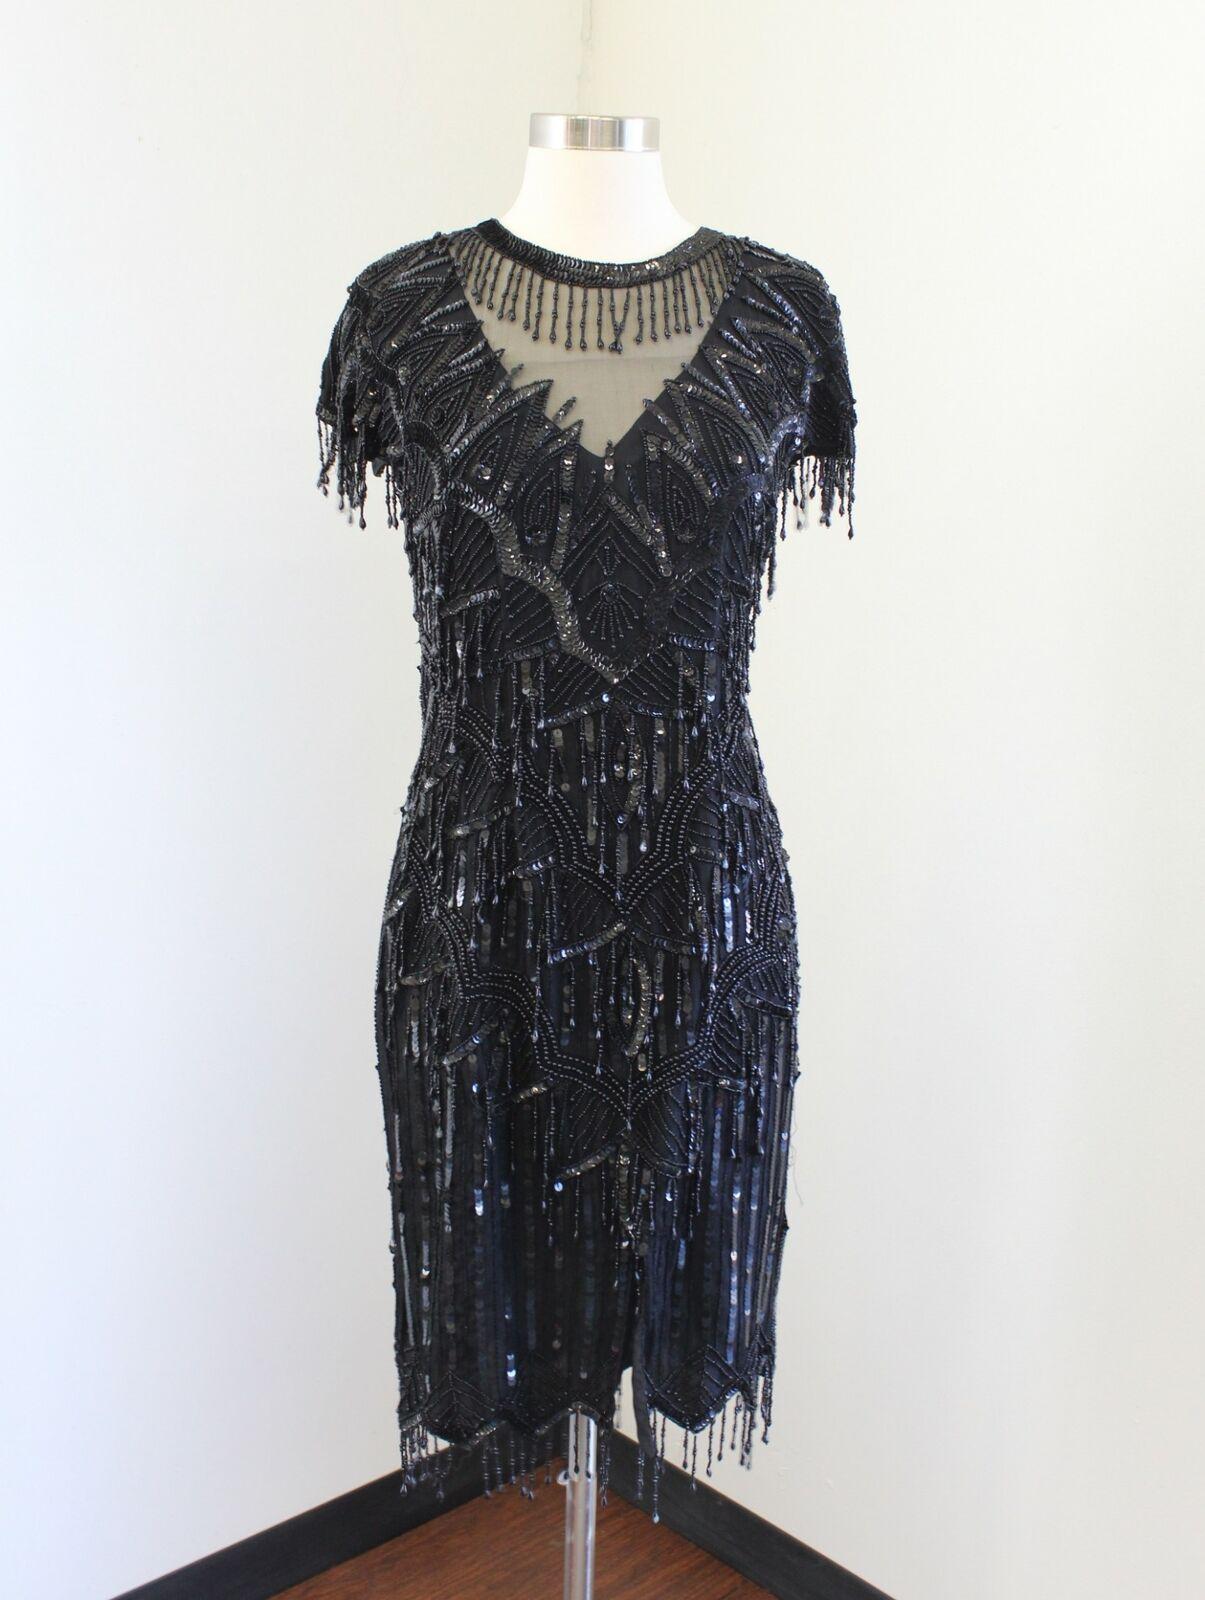 Vtg Laurence Kazar schwarz Silk Beaded Sequin Fringe Mesh Flapper Dress Party S